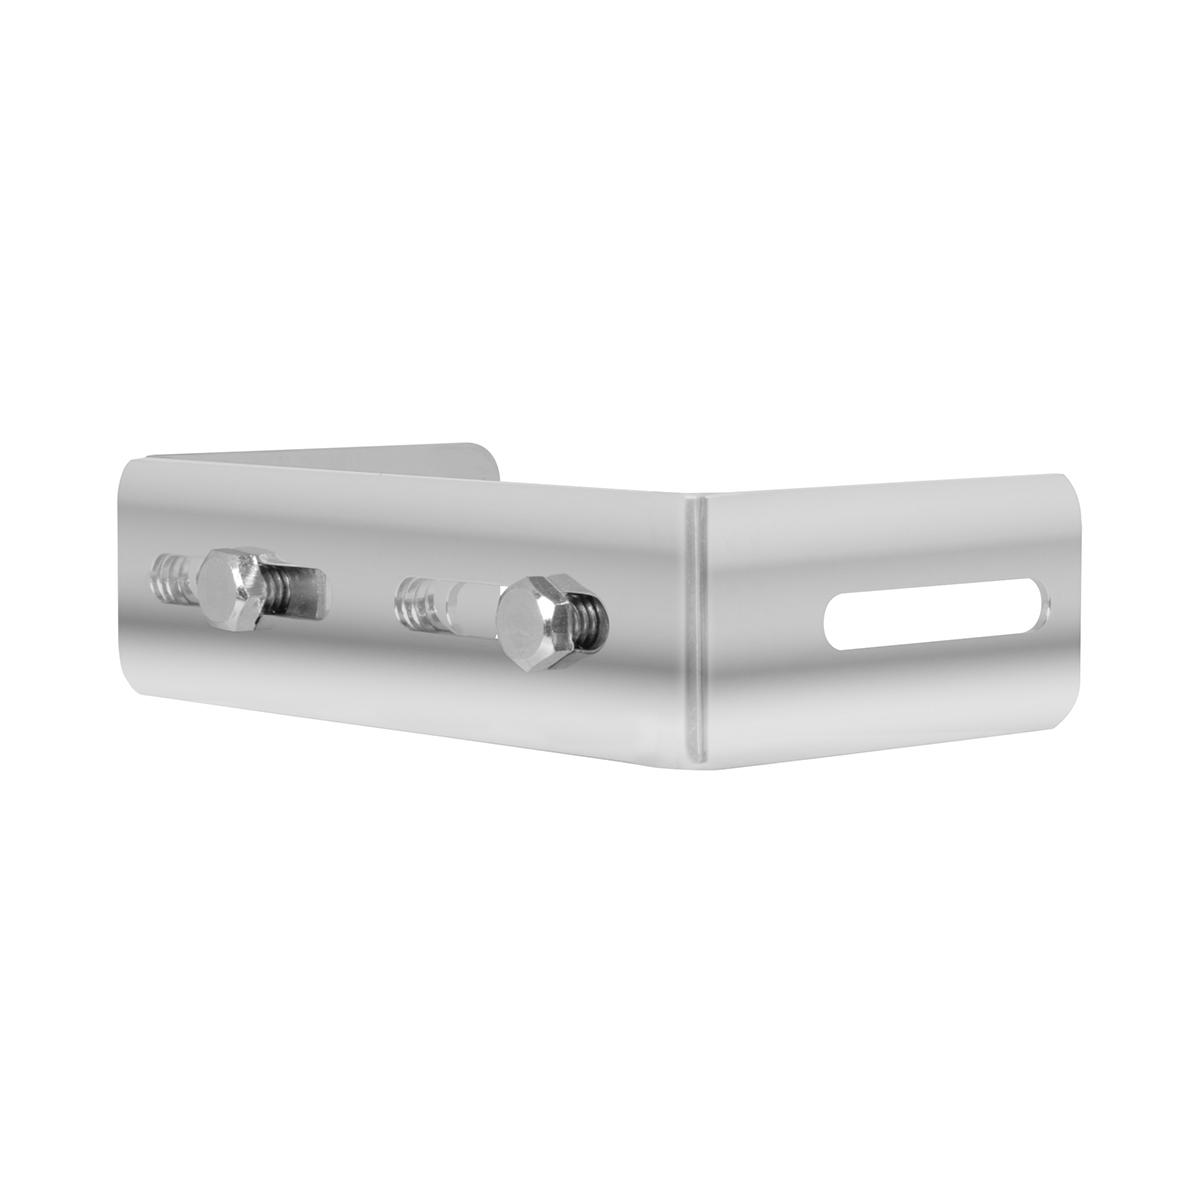 #91137 Chrome Plated Steel Adjustable C.B. Bracket